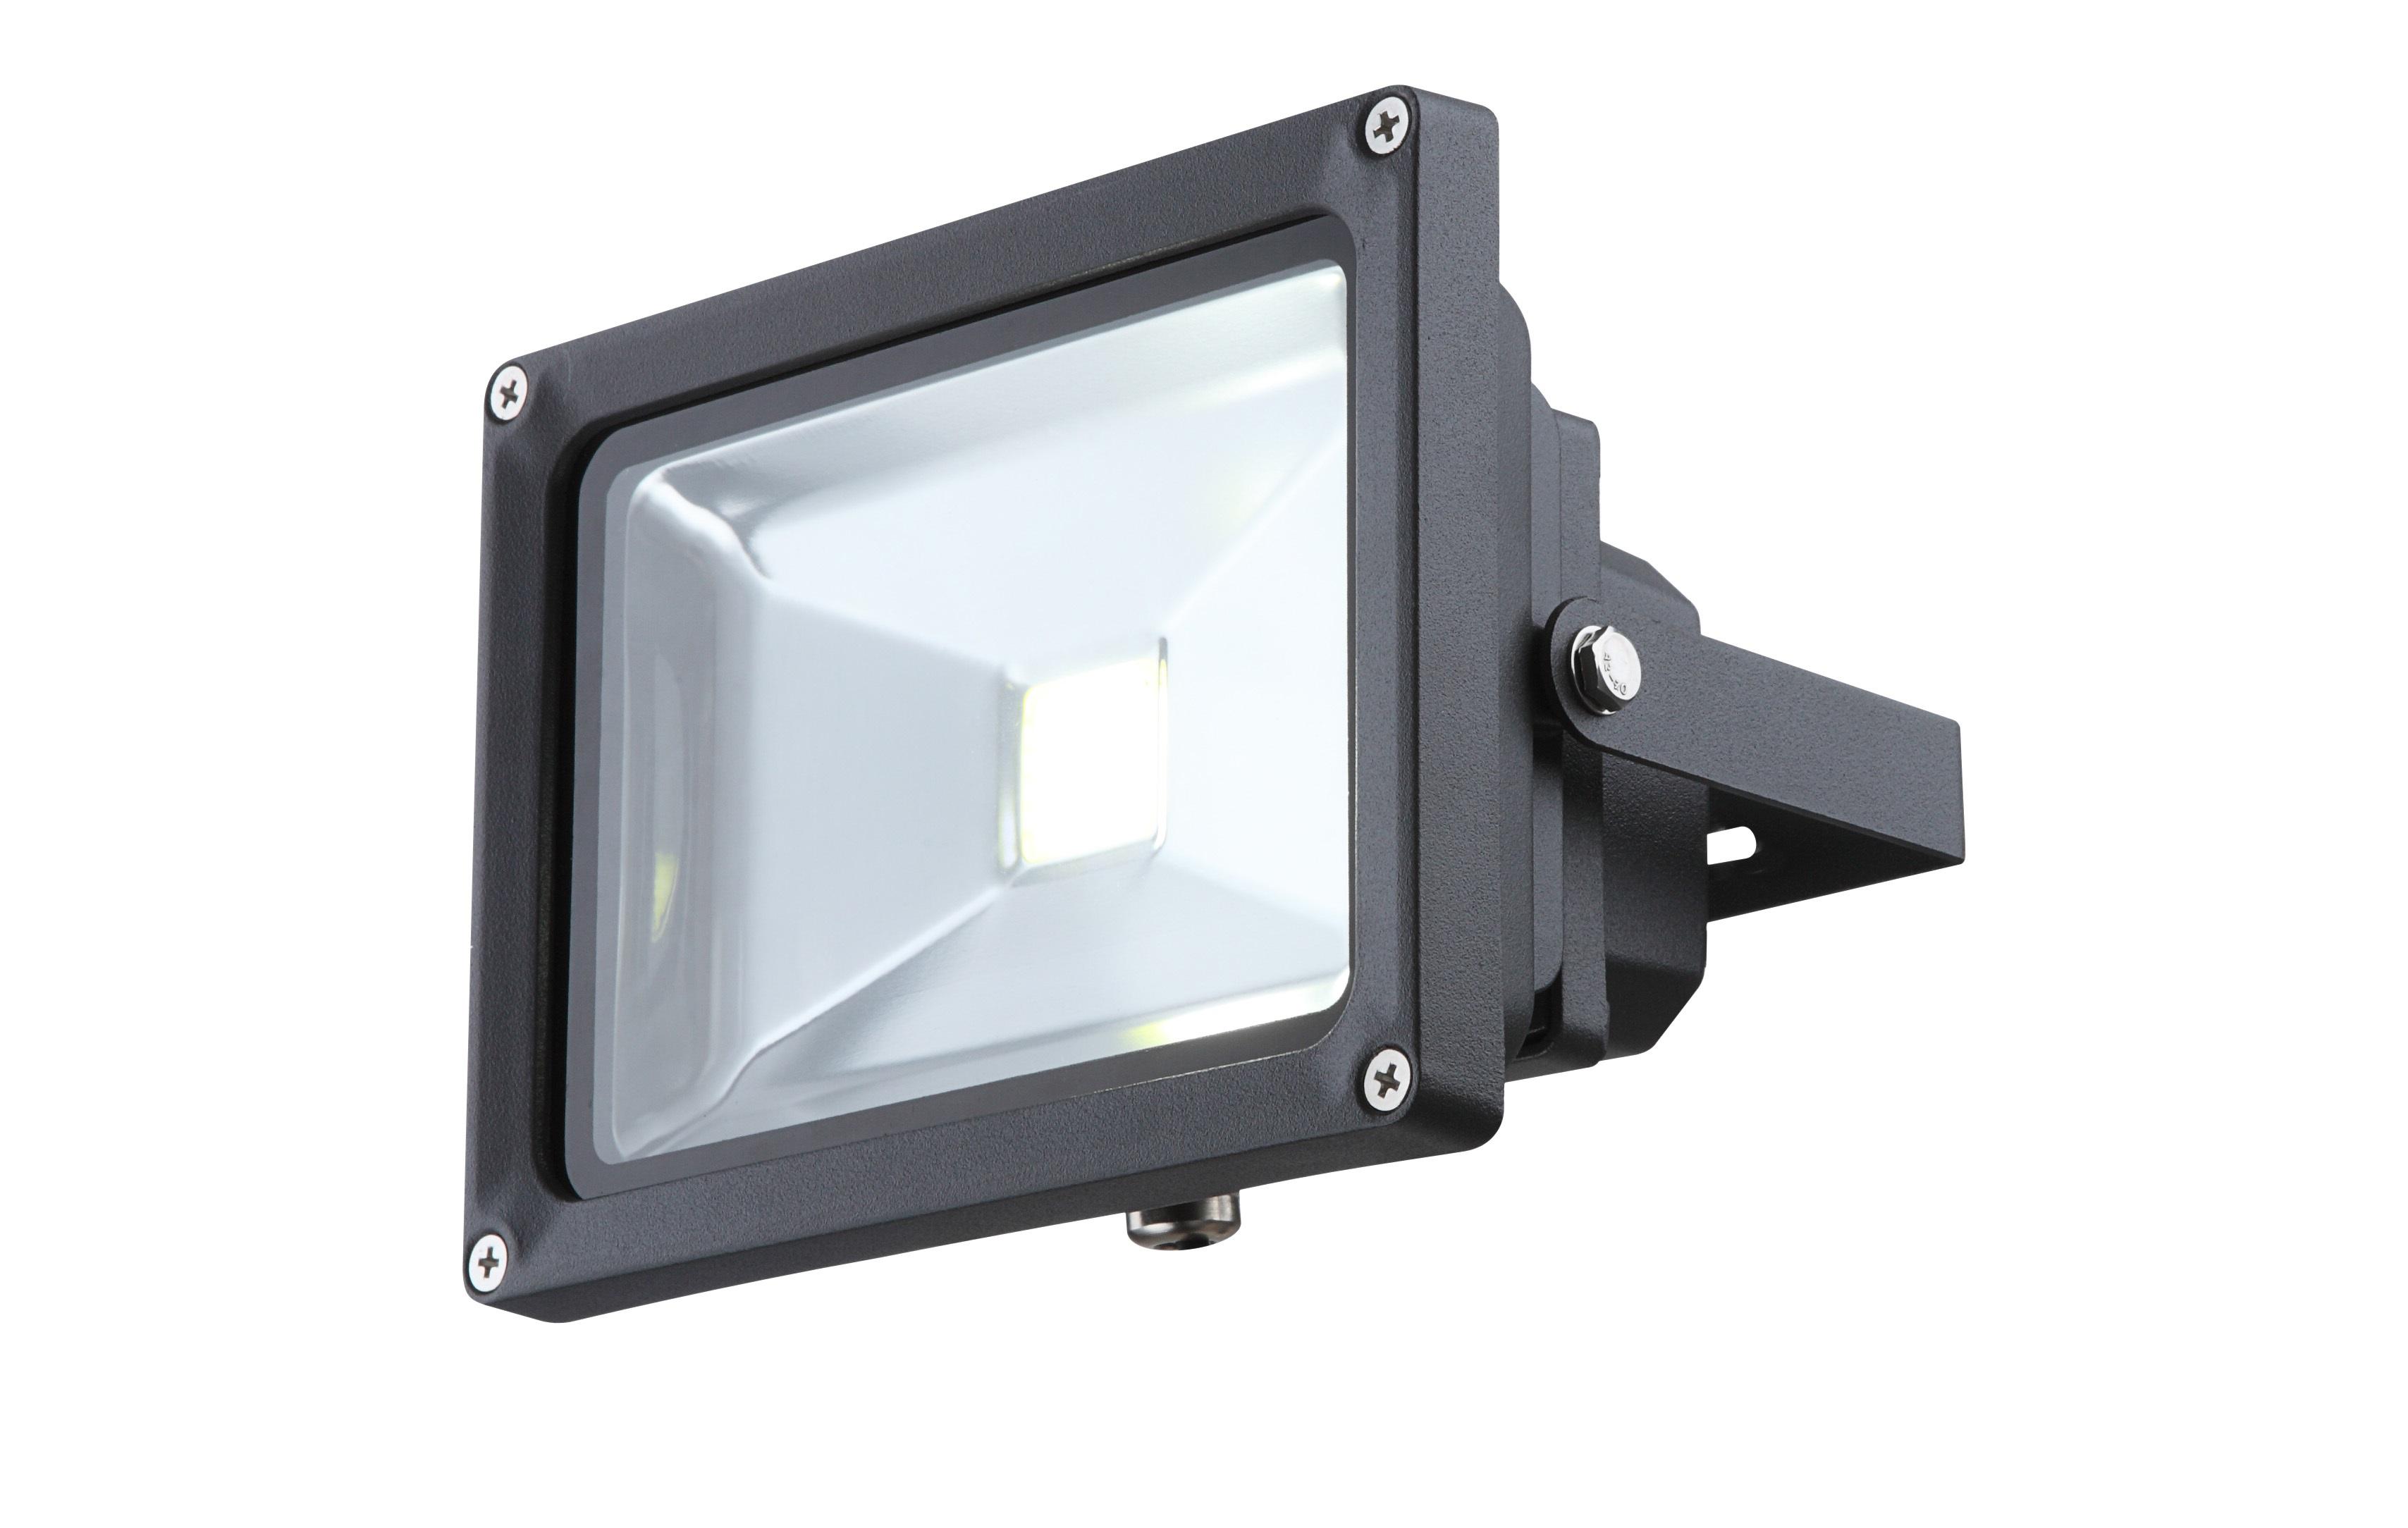 Светильник уличныйУличные настенные светильники<br>&amp;lt;div&amp;gt;Тип цоколя: LED&amp;amp;nbsp;&amp;lt;/div&amp;gt;&amp;lt;div&amp;gt;Мощность: 20W&amp;lt;/div&amp;gt;&amp;lt;div&amp;gt;Кол-во ламп: 1 (в комплекте)&amp;lt;/div&amp;gt;<br><br>Material: Металл